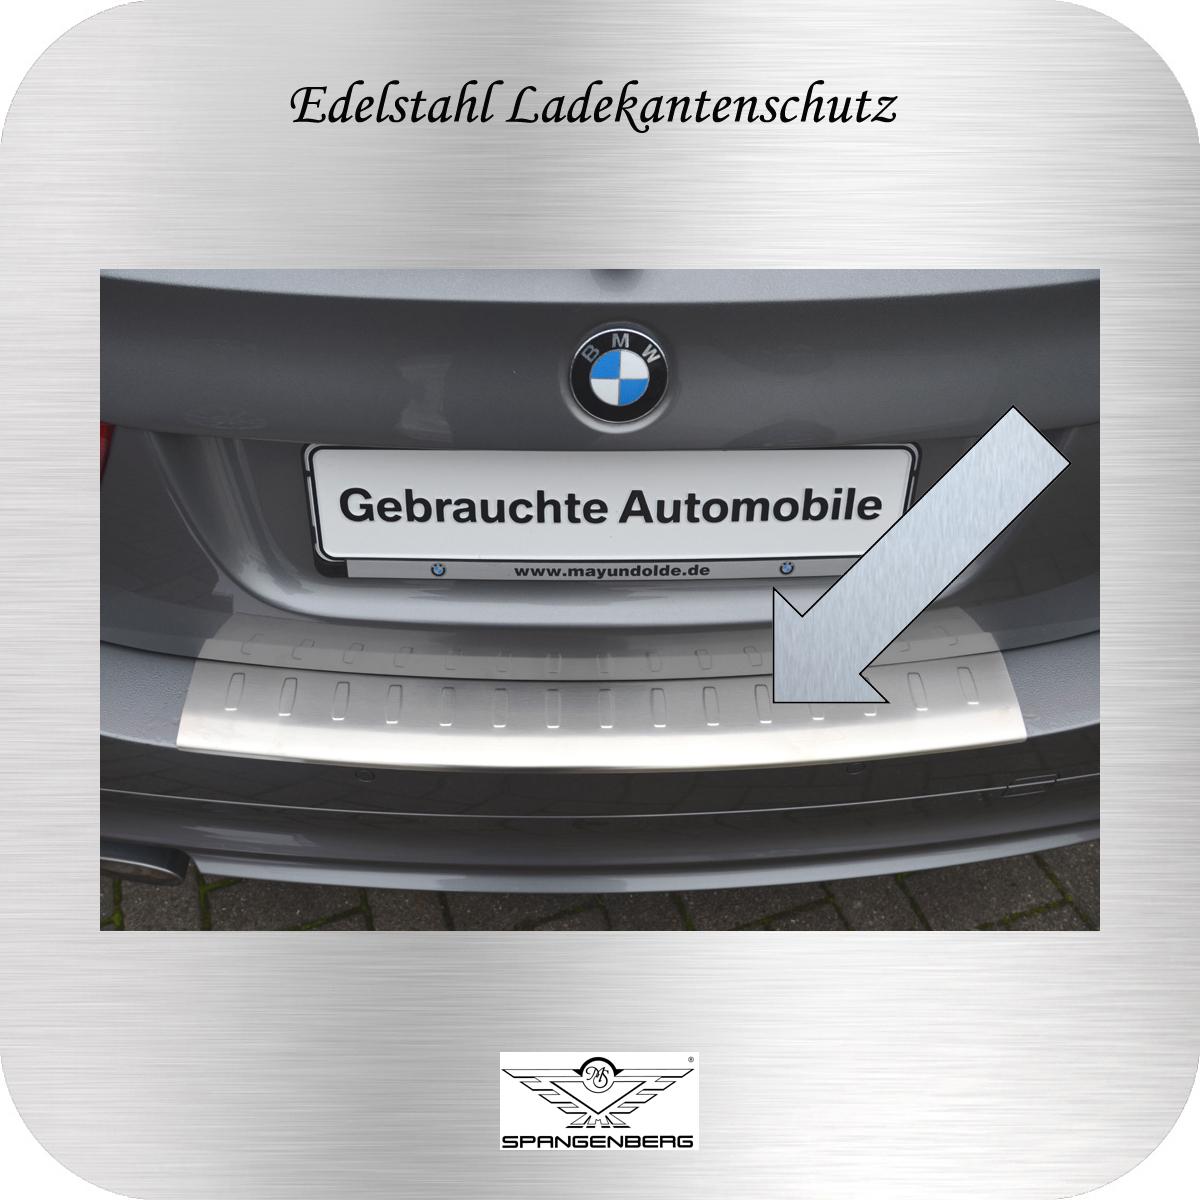 Ladekantenschutz Edelstahl BMW 3er Touring E91 Kombi 2005-2012 3235745